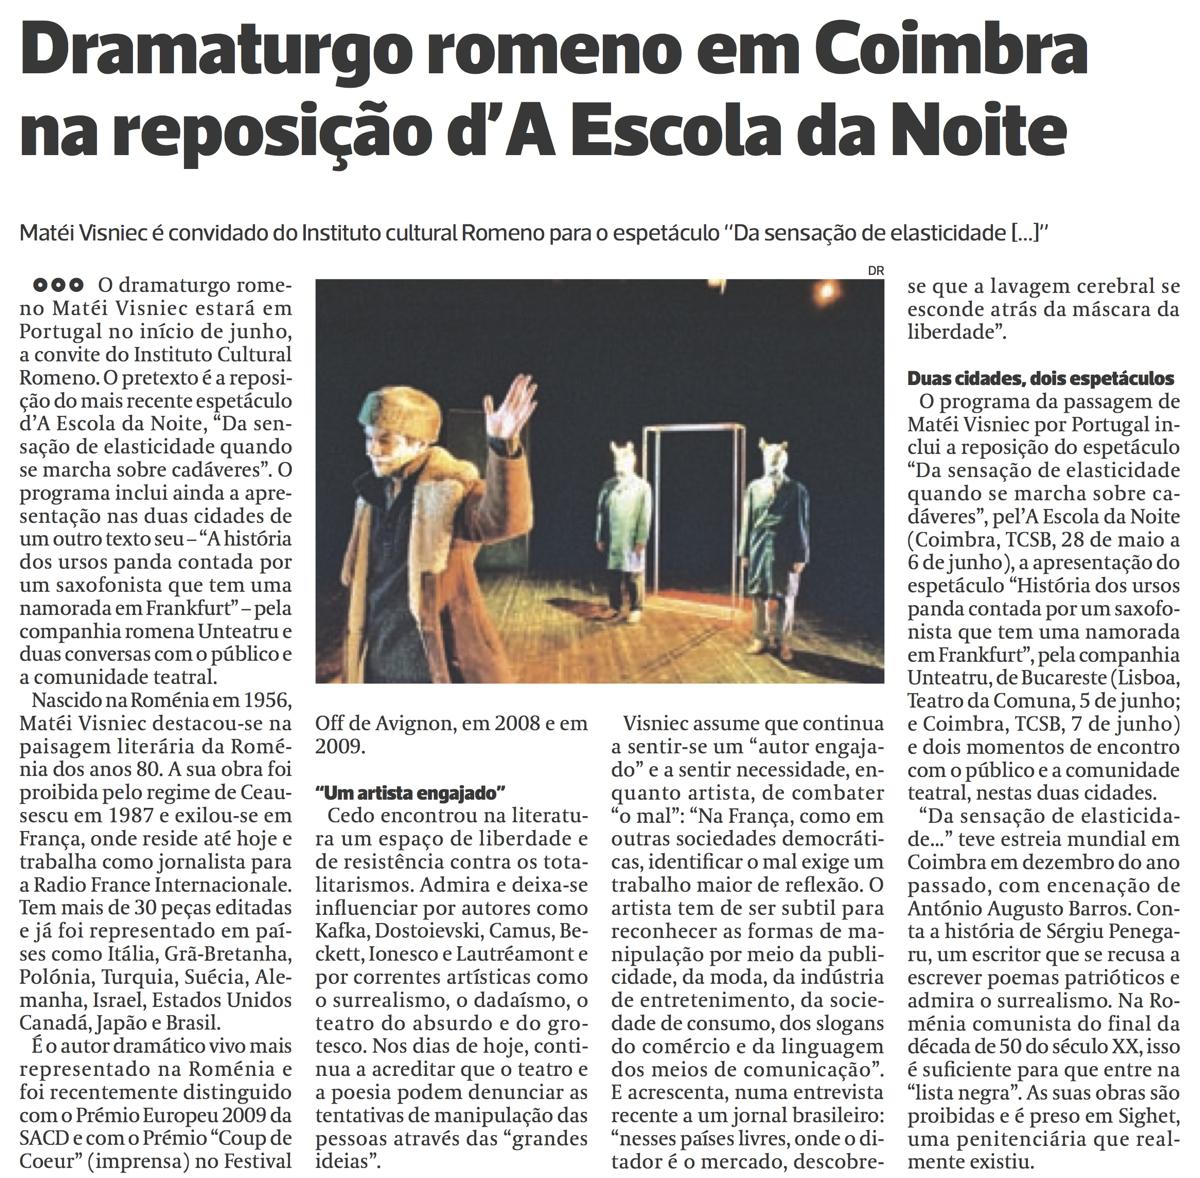 Diário As Beiras, 25/05/2015